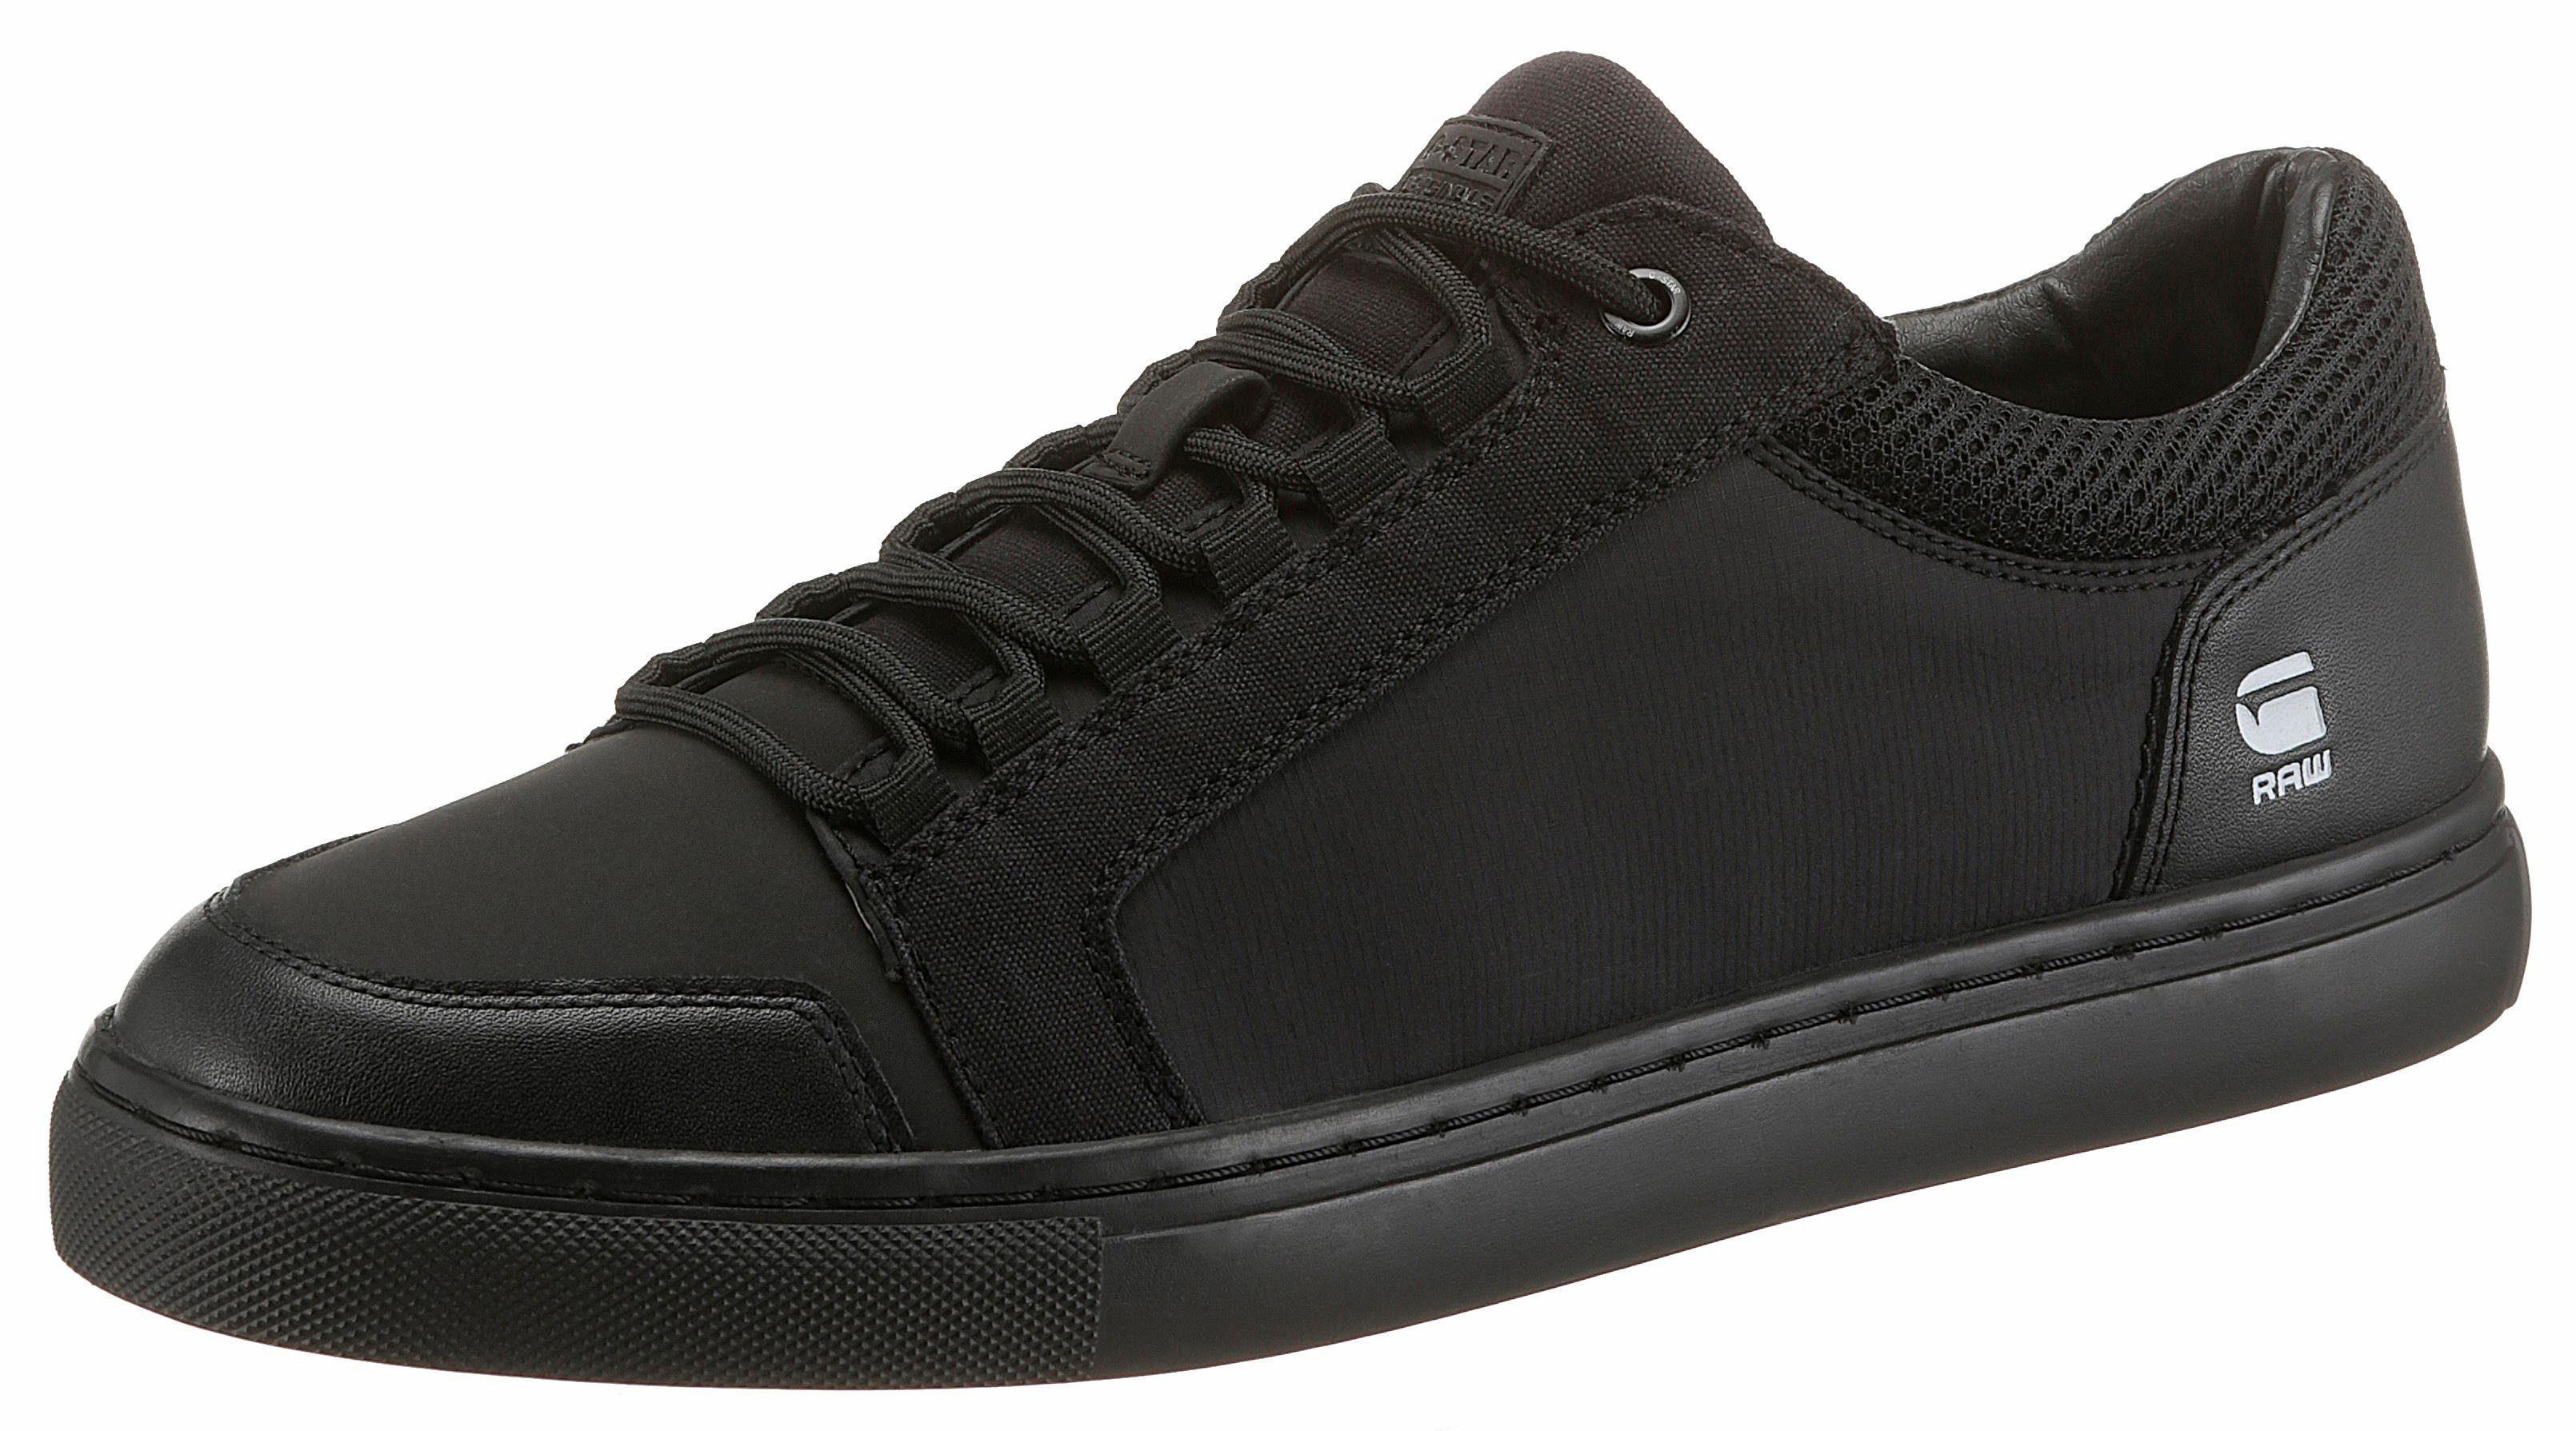 G-Star RAW ZLOV CARGO MONO Sneaker, in stylischer matter Optik online kaufen  schwarz